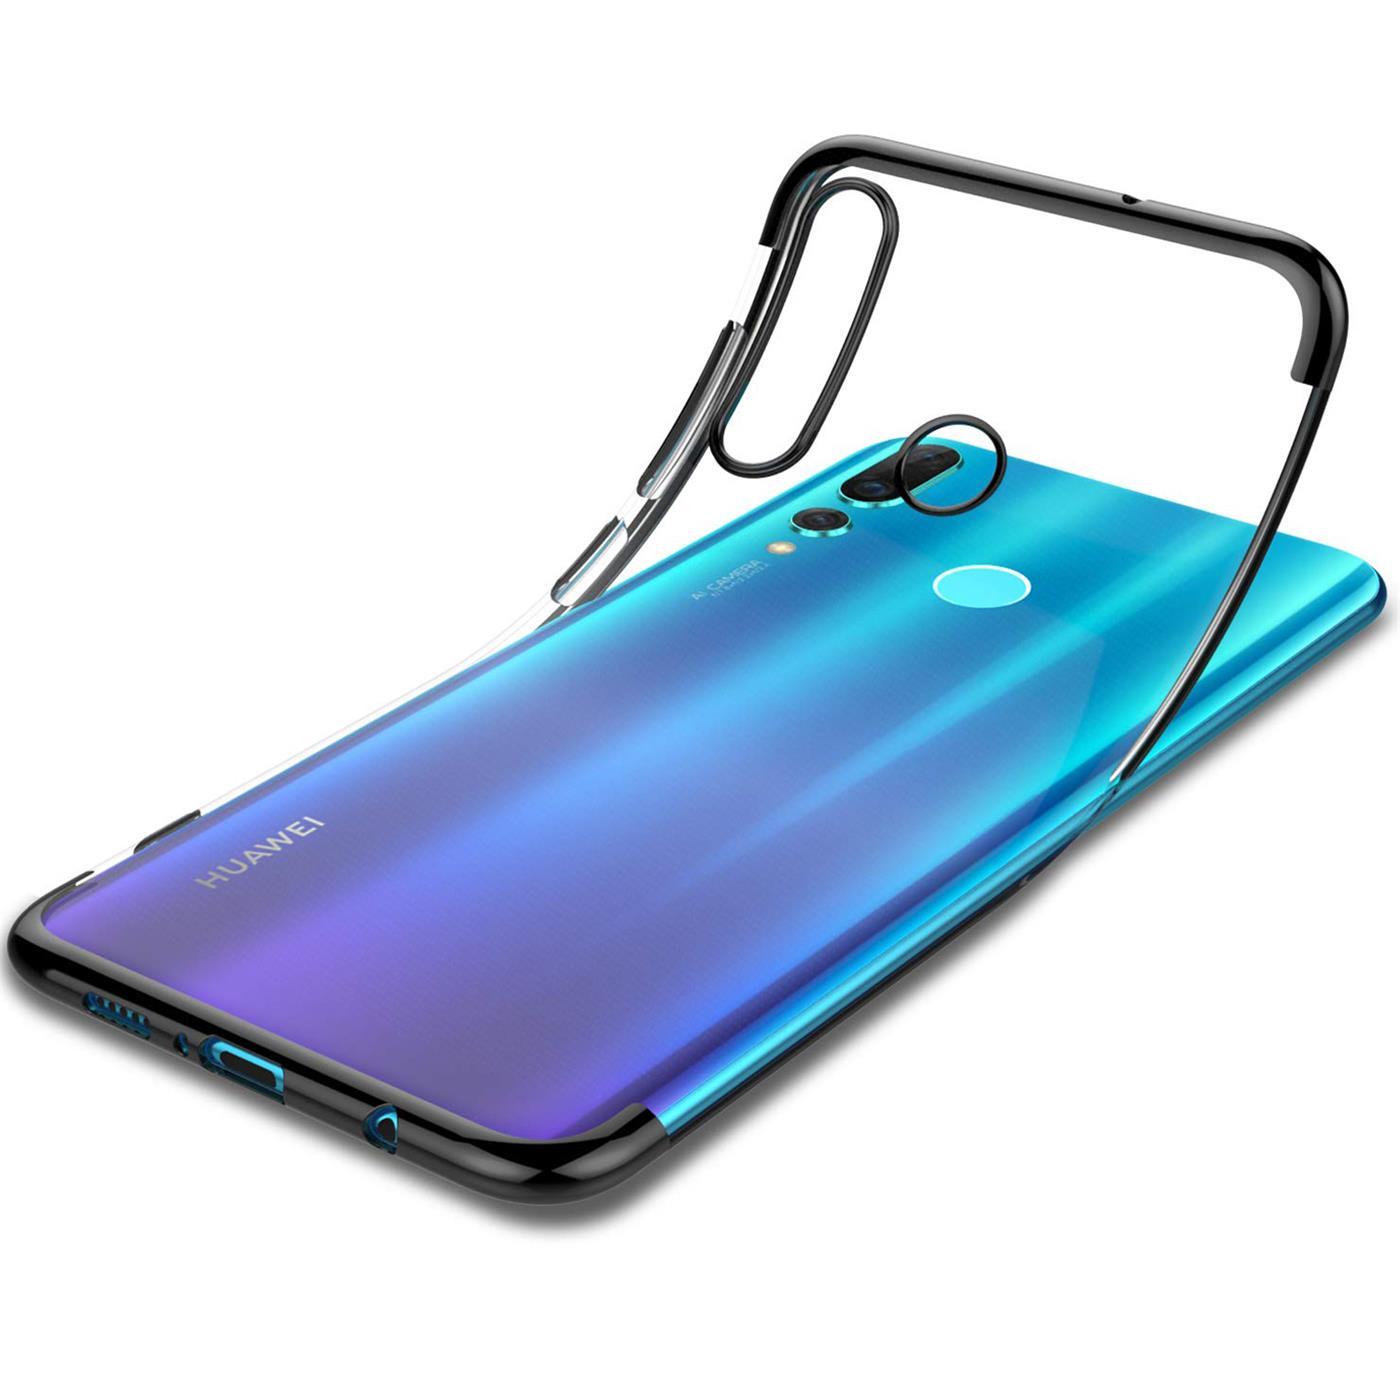 Schutzhuelle-Huawei-P30-P30-Lite-P30-Pro-Handy-Tasche-Slim-Cover-Case-Transparent Indexbild 13